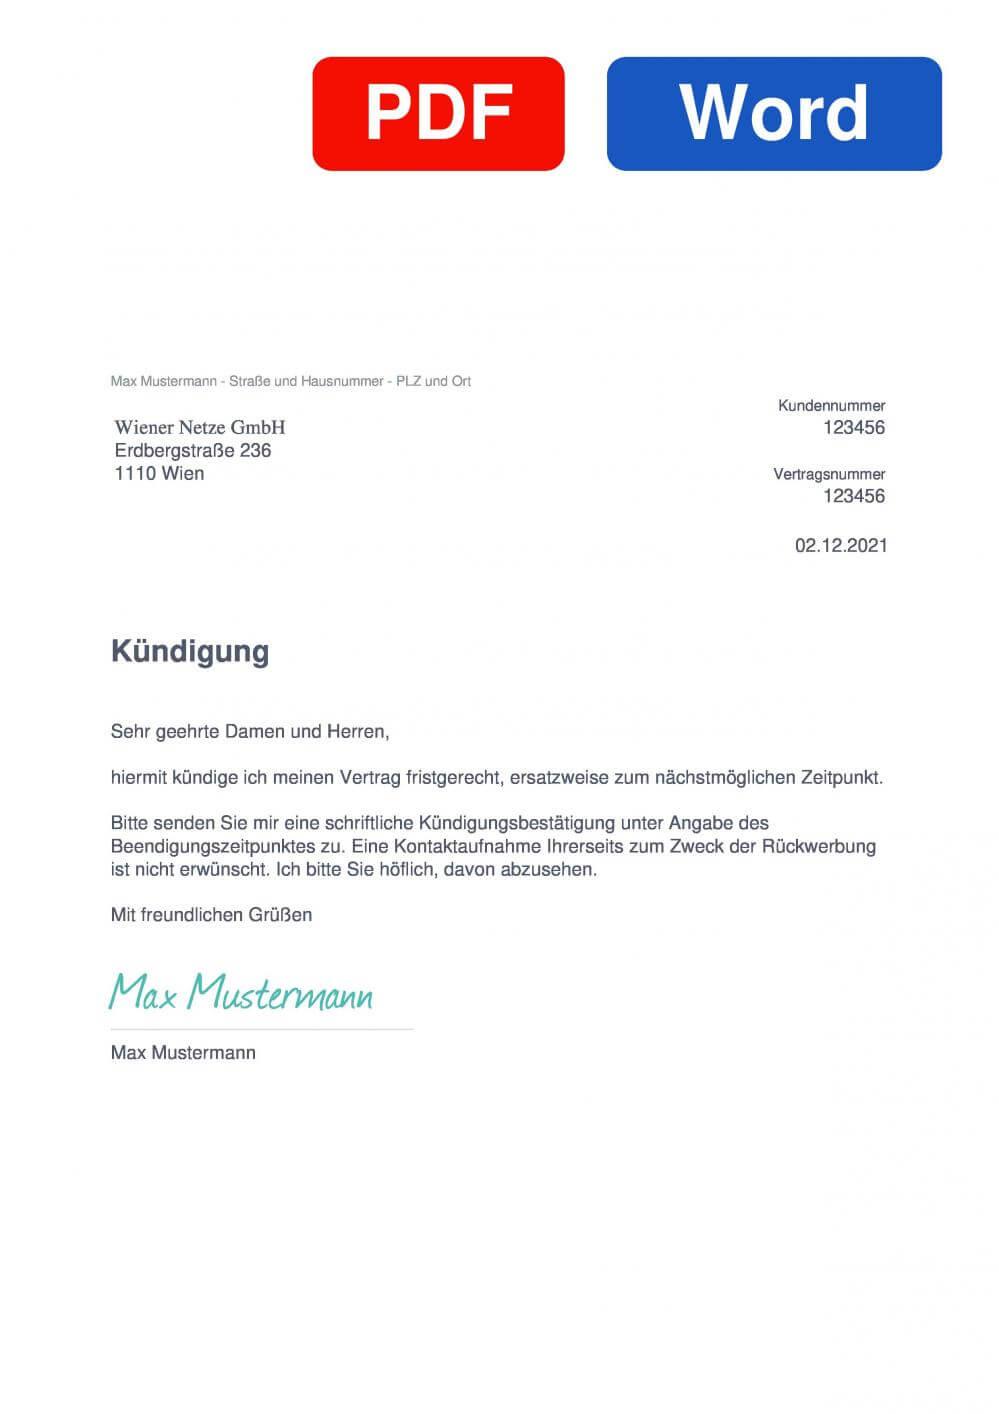 Wiener Netze Muster Vorlage für Kündigungsschreiben